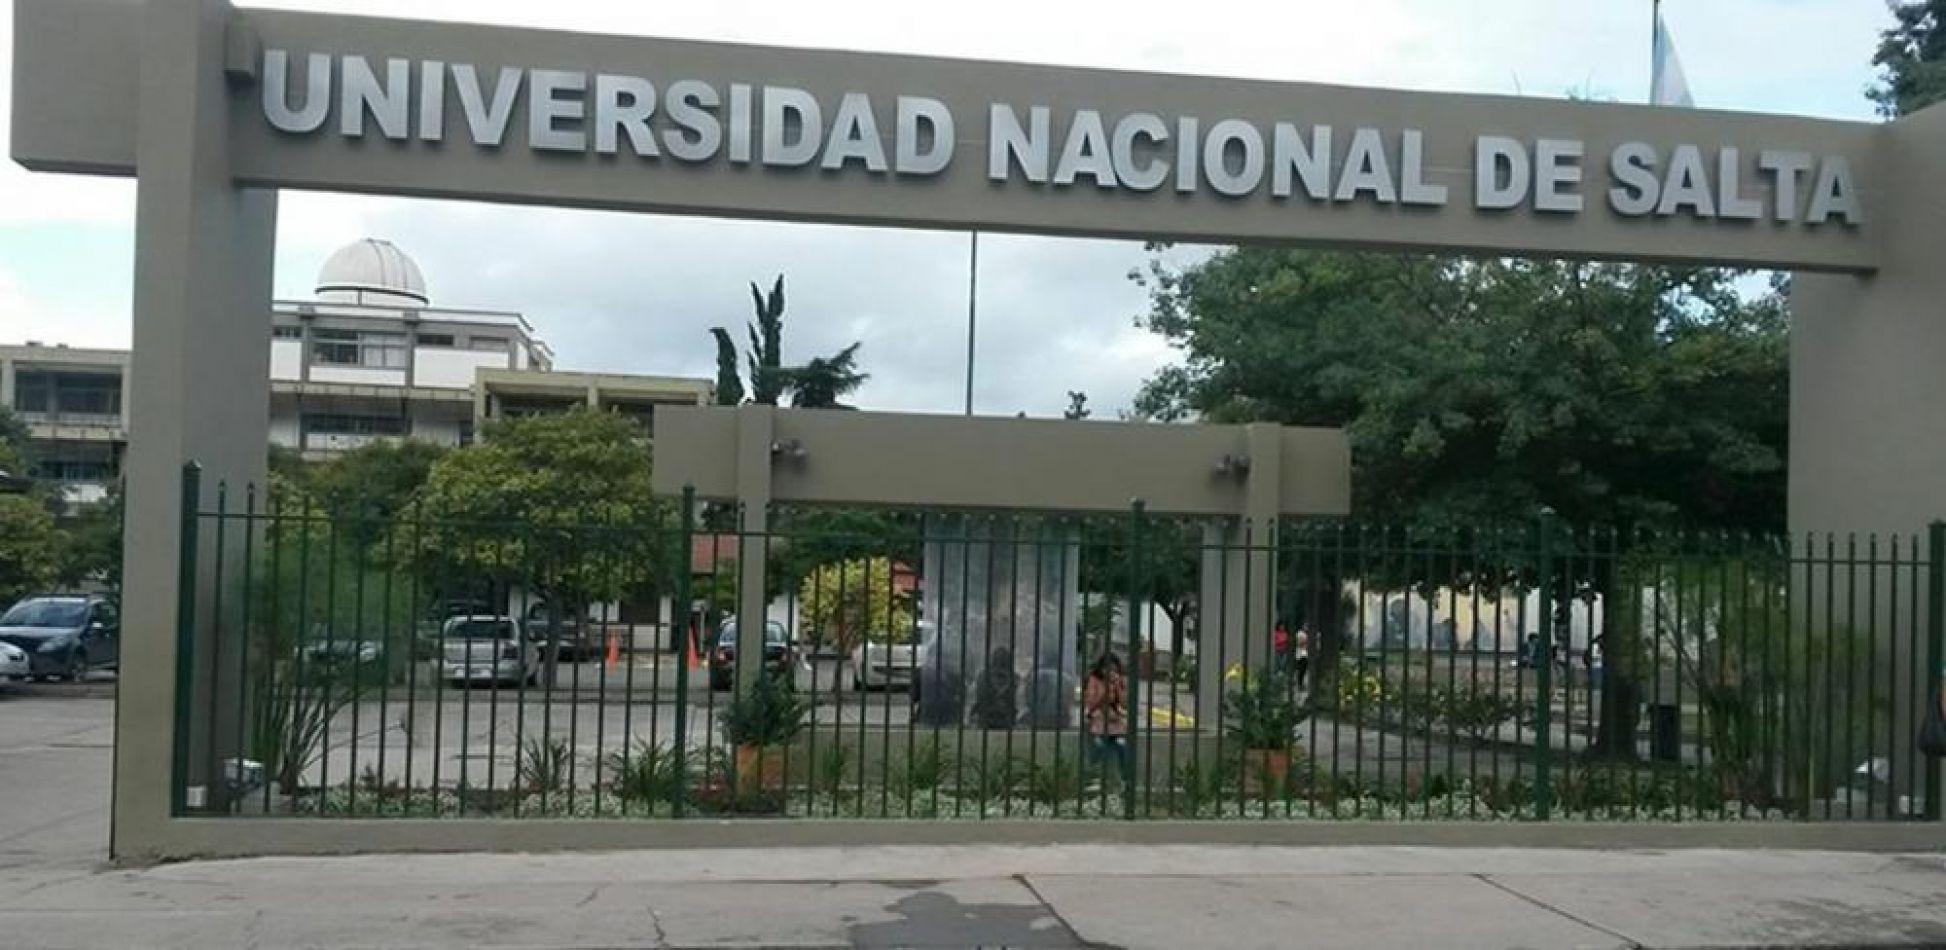 Luego de la postergación, el 16 de marzo arrancan las clases en la UNSa